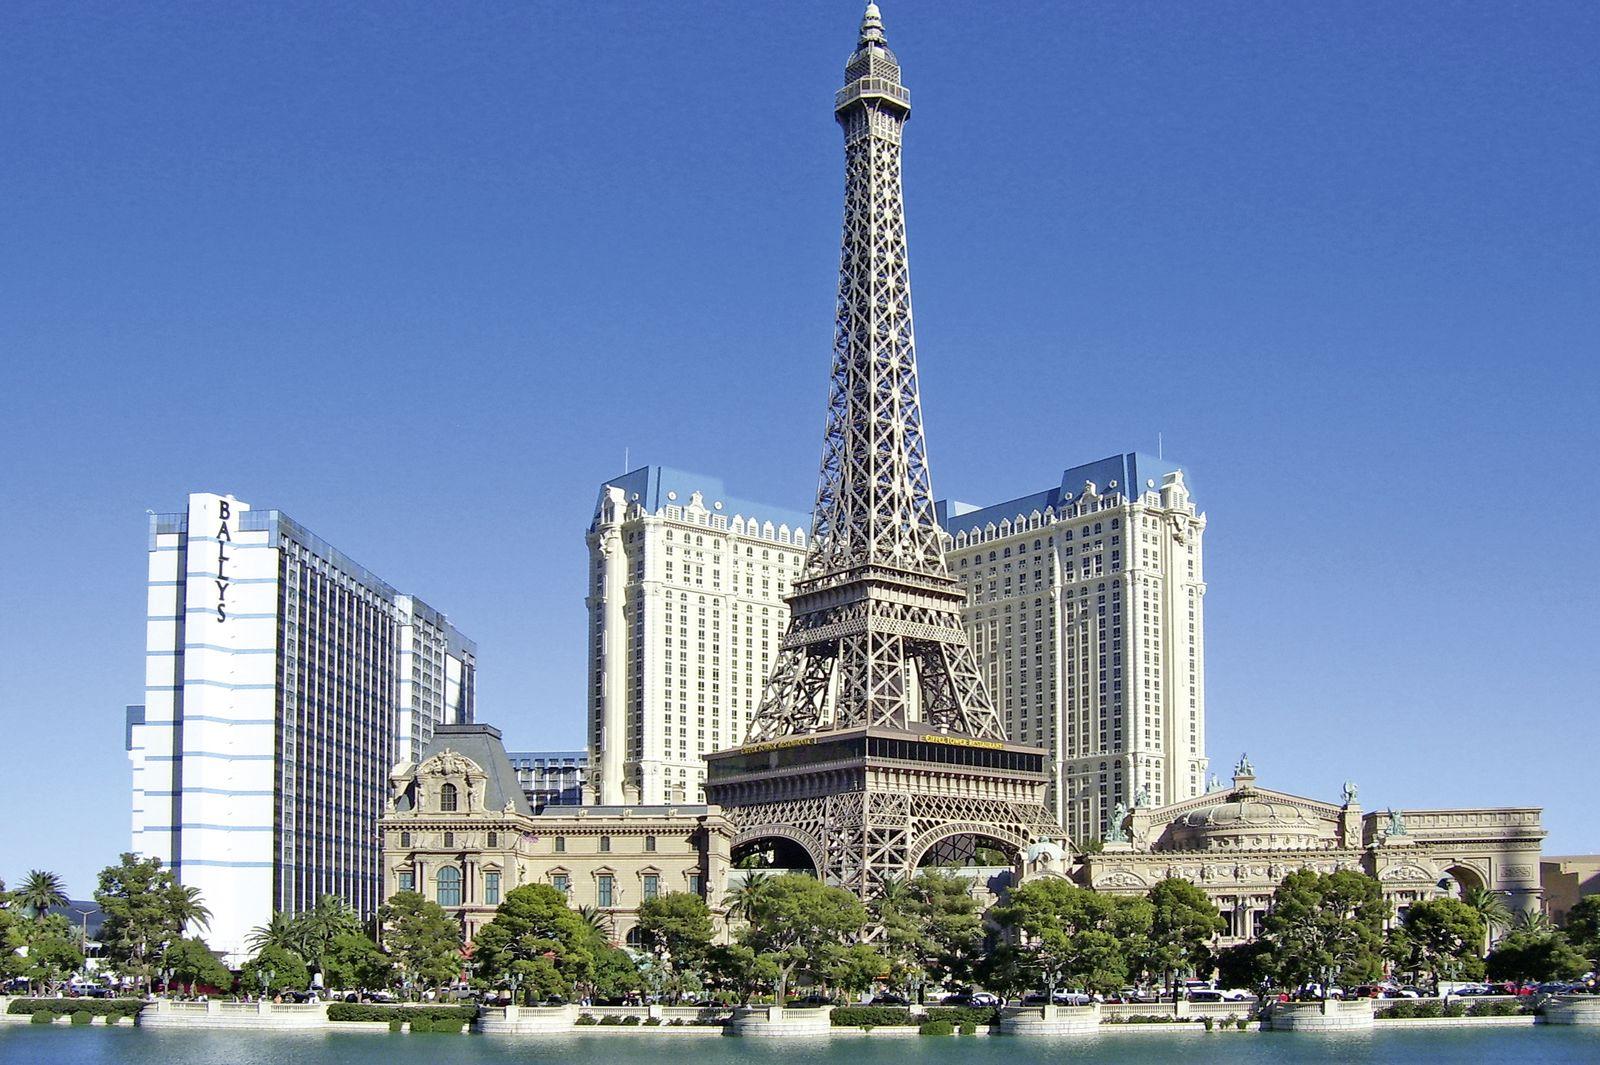 Las vegas urlaub auf dem gr ten spielplatz der welt for Hotel paris x